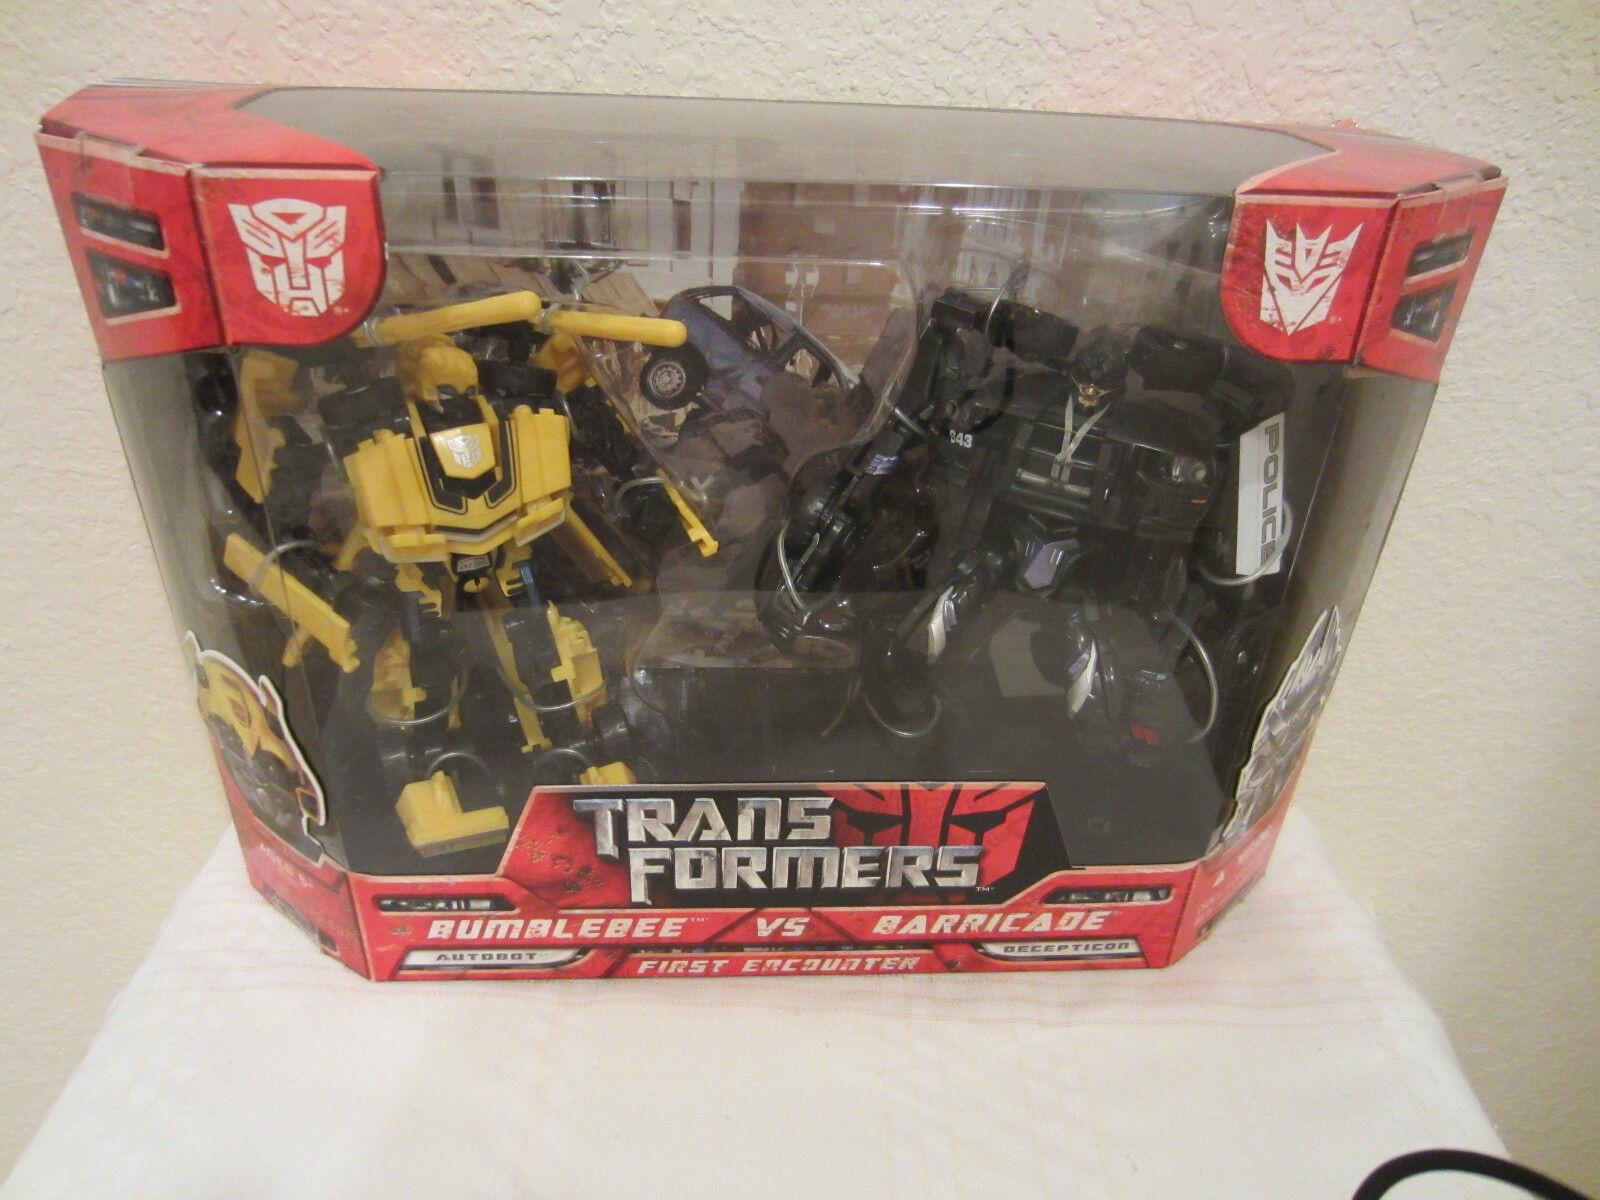 Transformers 2007 película primer encuentro Bumblebee Vs barricada Box Set Menta en Caja Sellada Nuevo